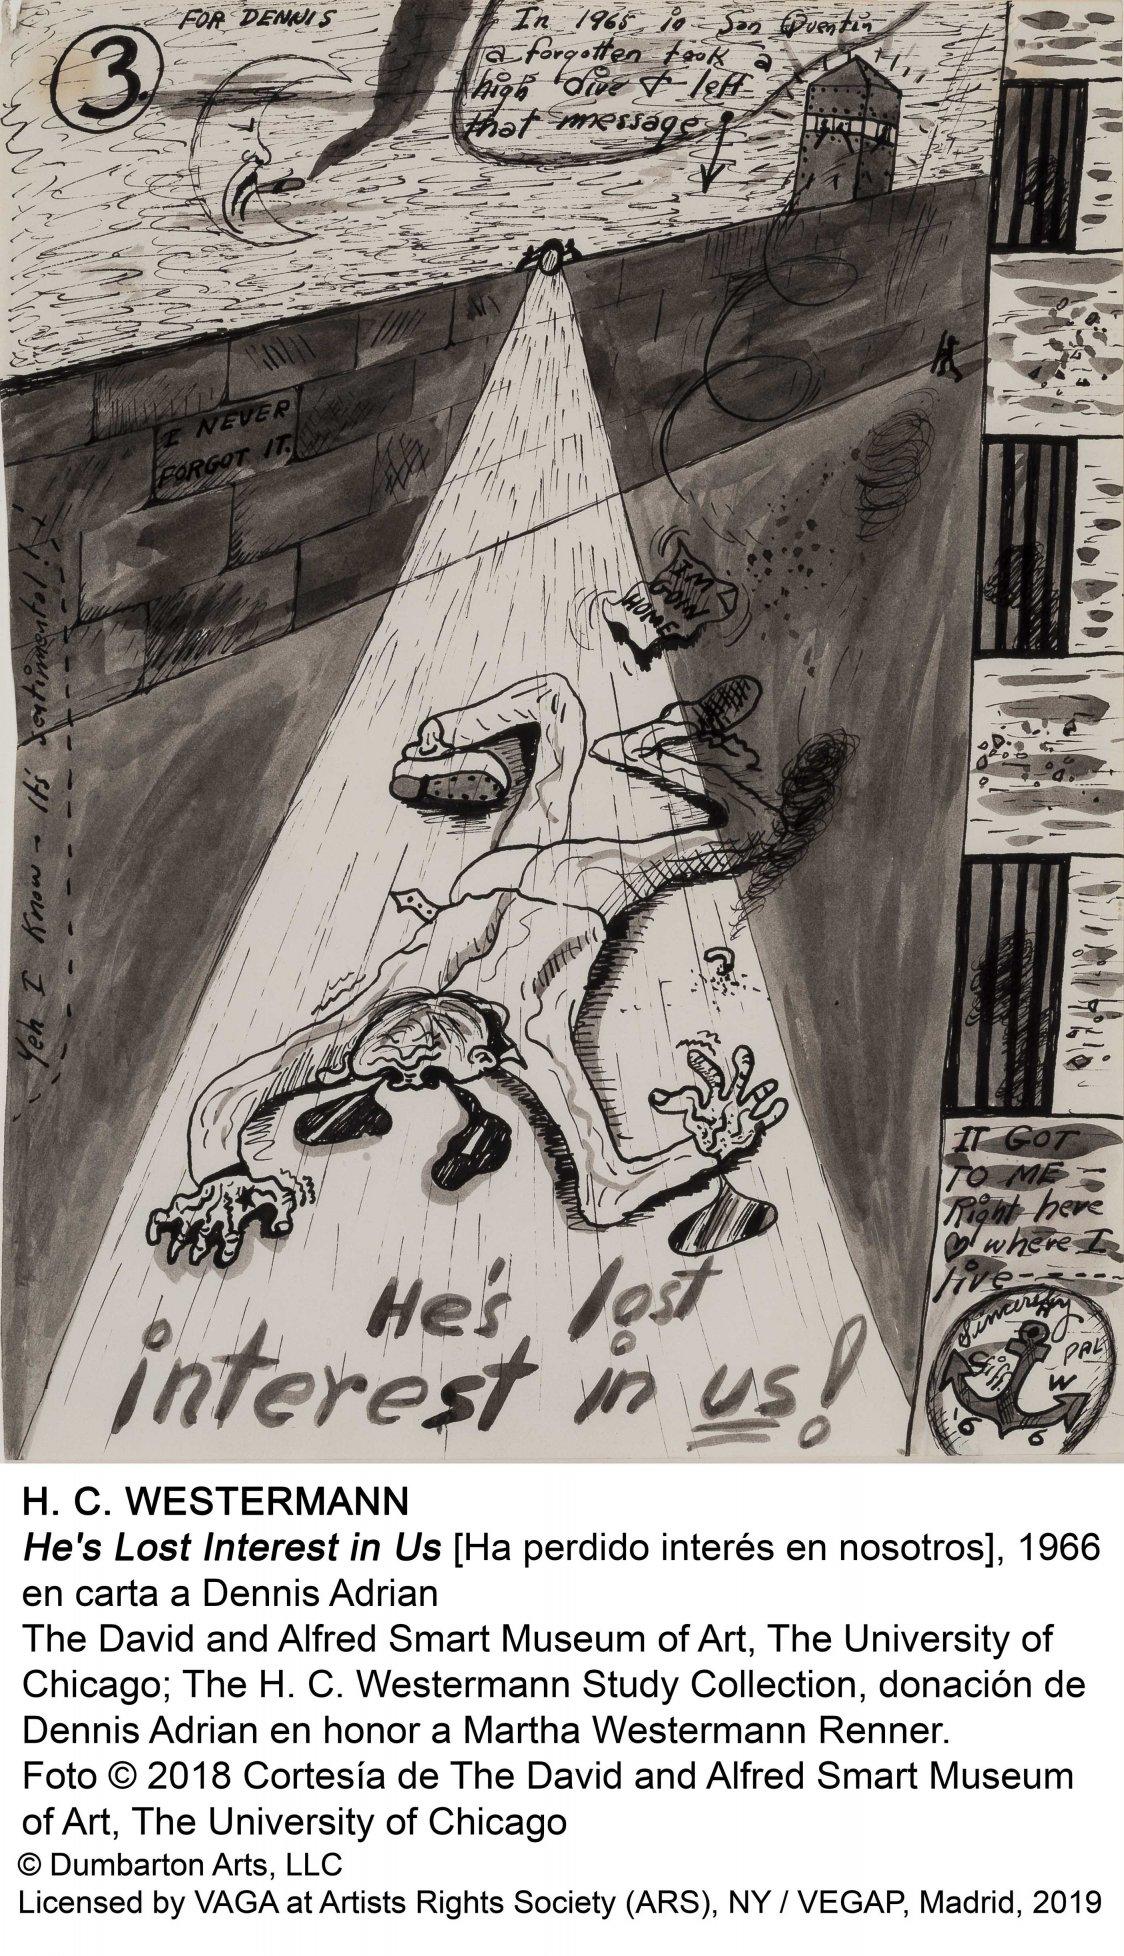 He's Lost Interest in Us (Ha perdido interés en nosotros) (1966) - Horace Clifford Westermann